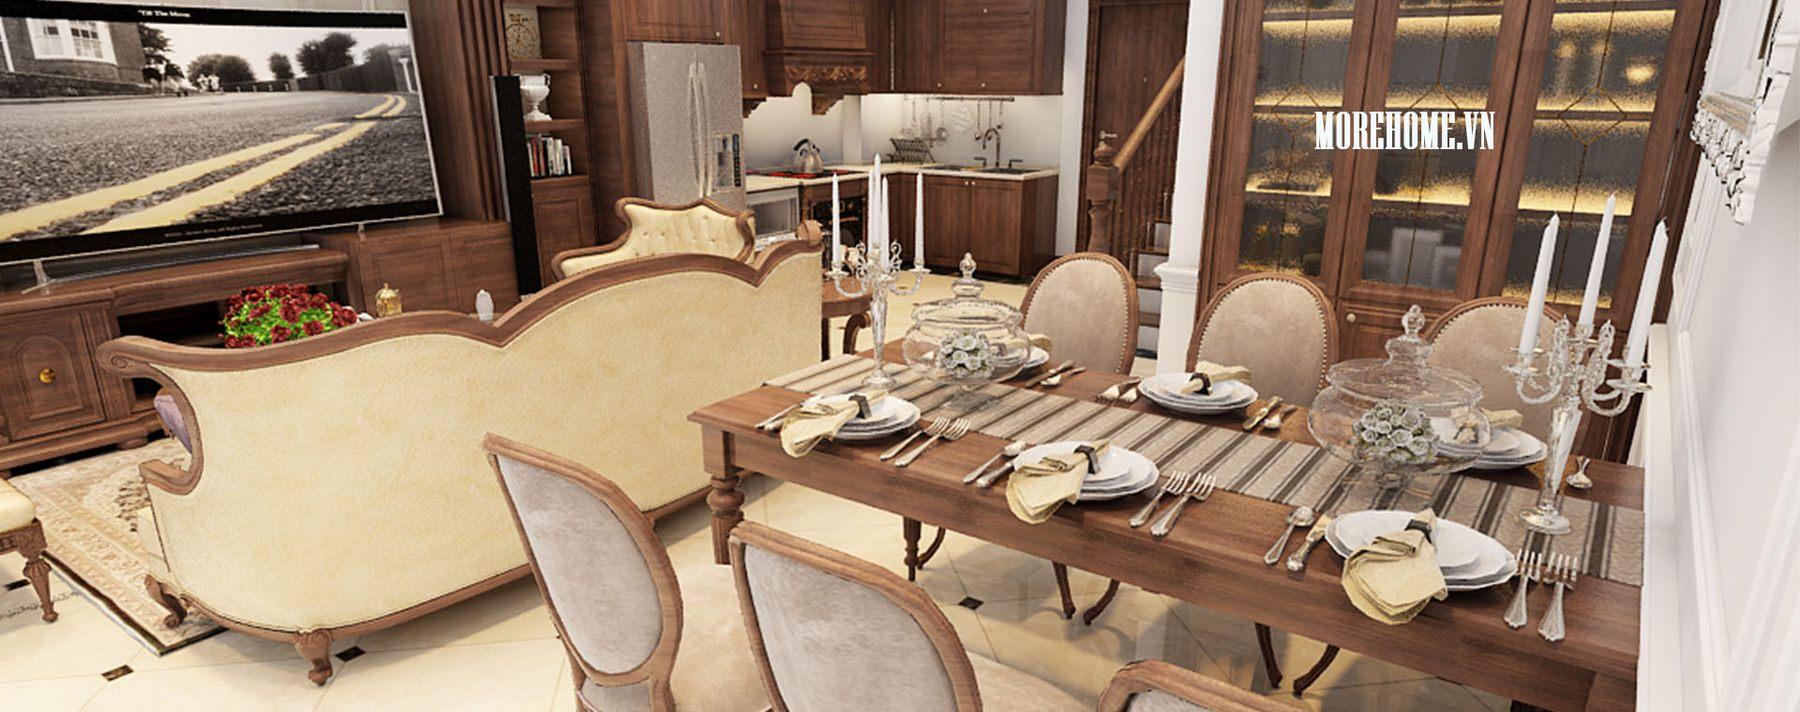 Thiết kế nội thất biệt thự Vinhomes Riverside Long Biên, Hà Nội